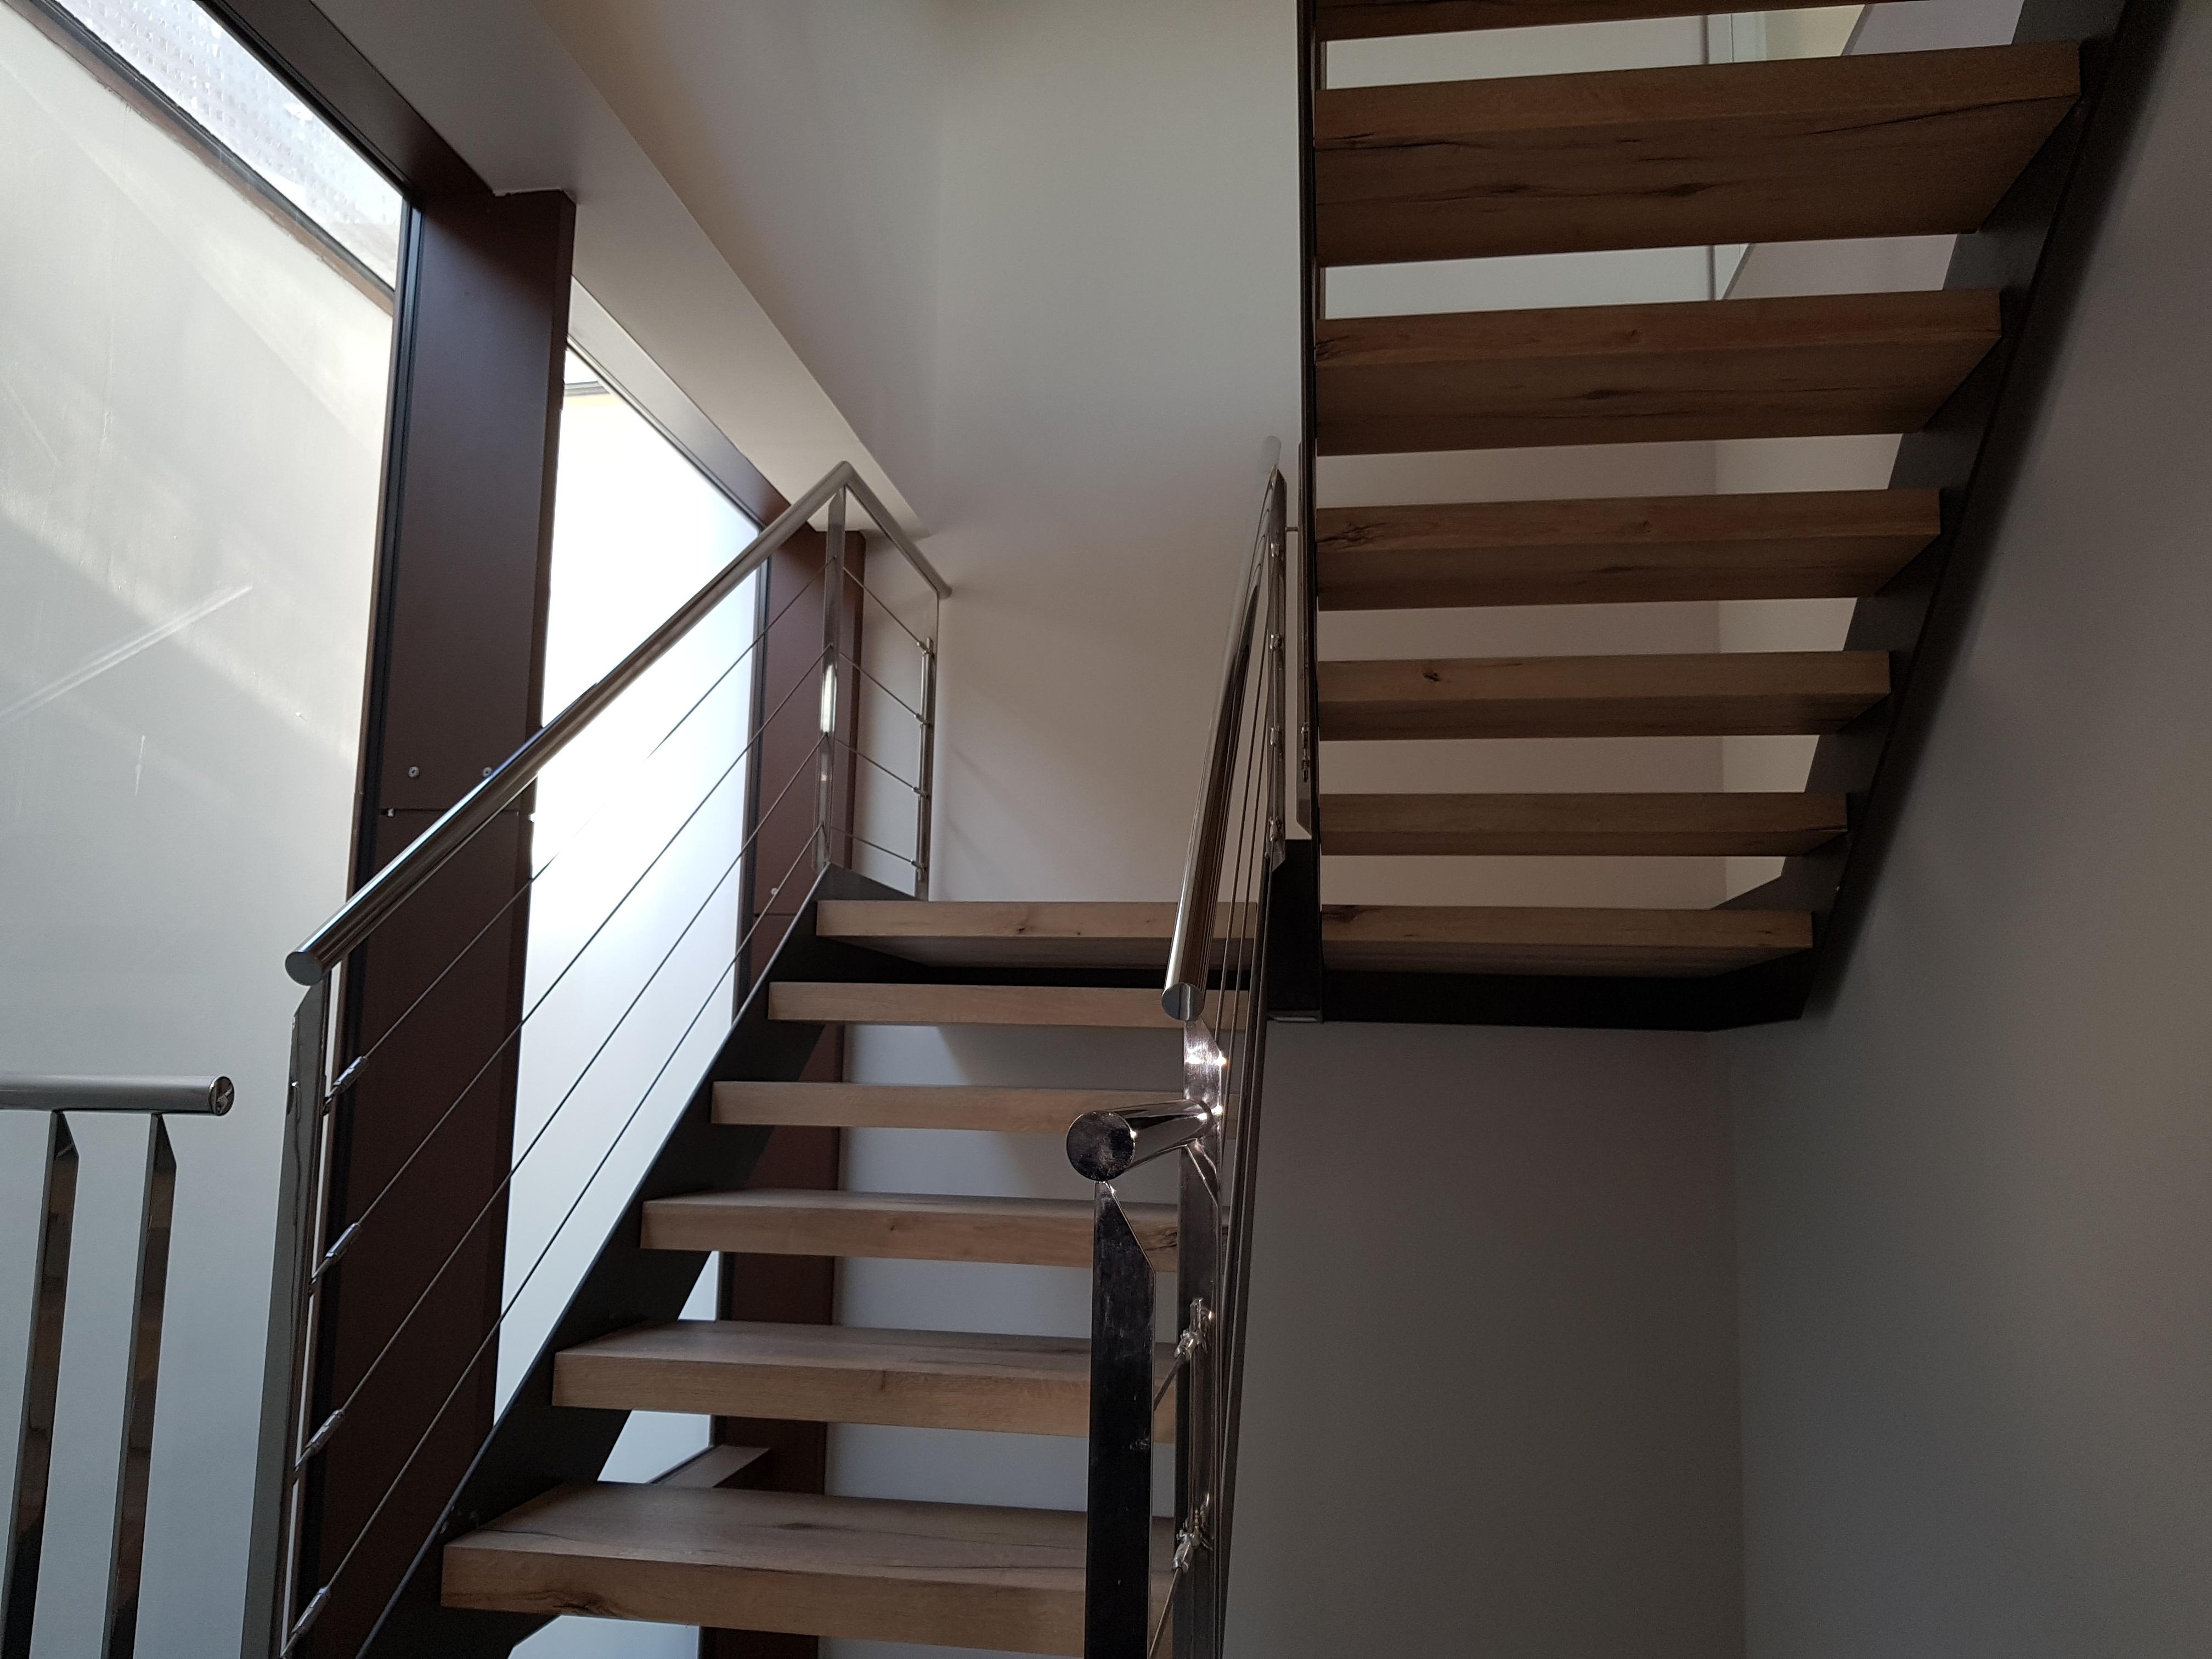 Estructura escalera y baranda de inoxida